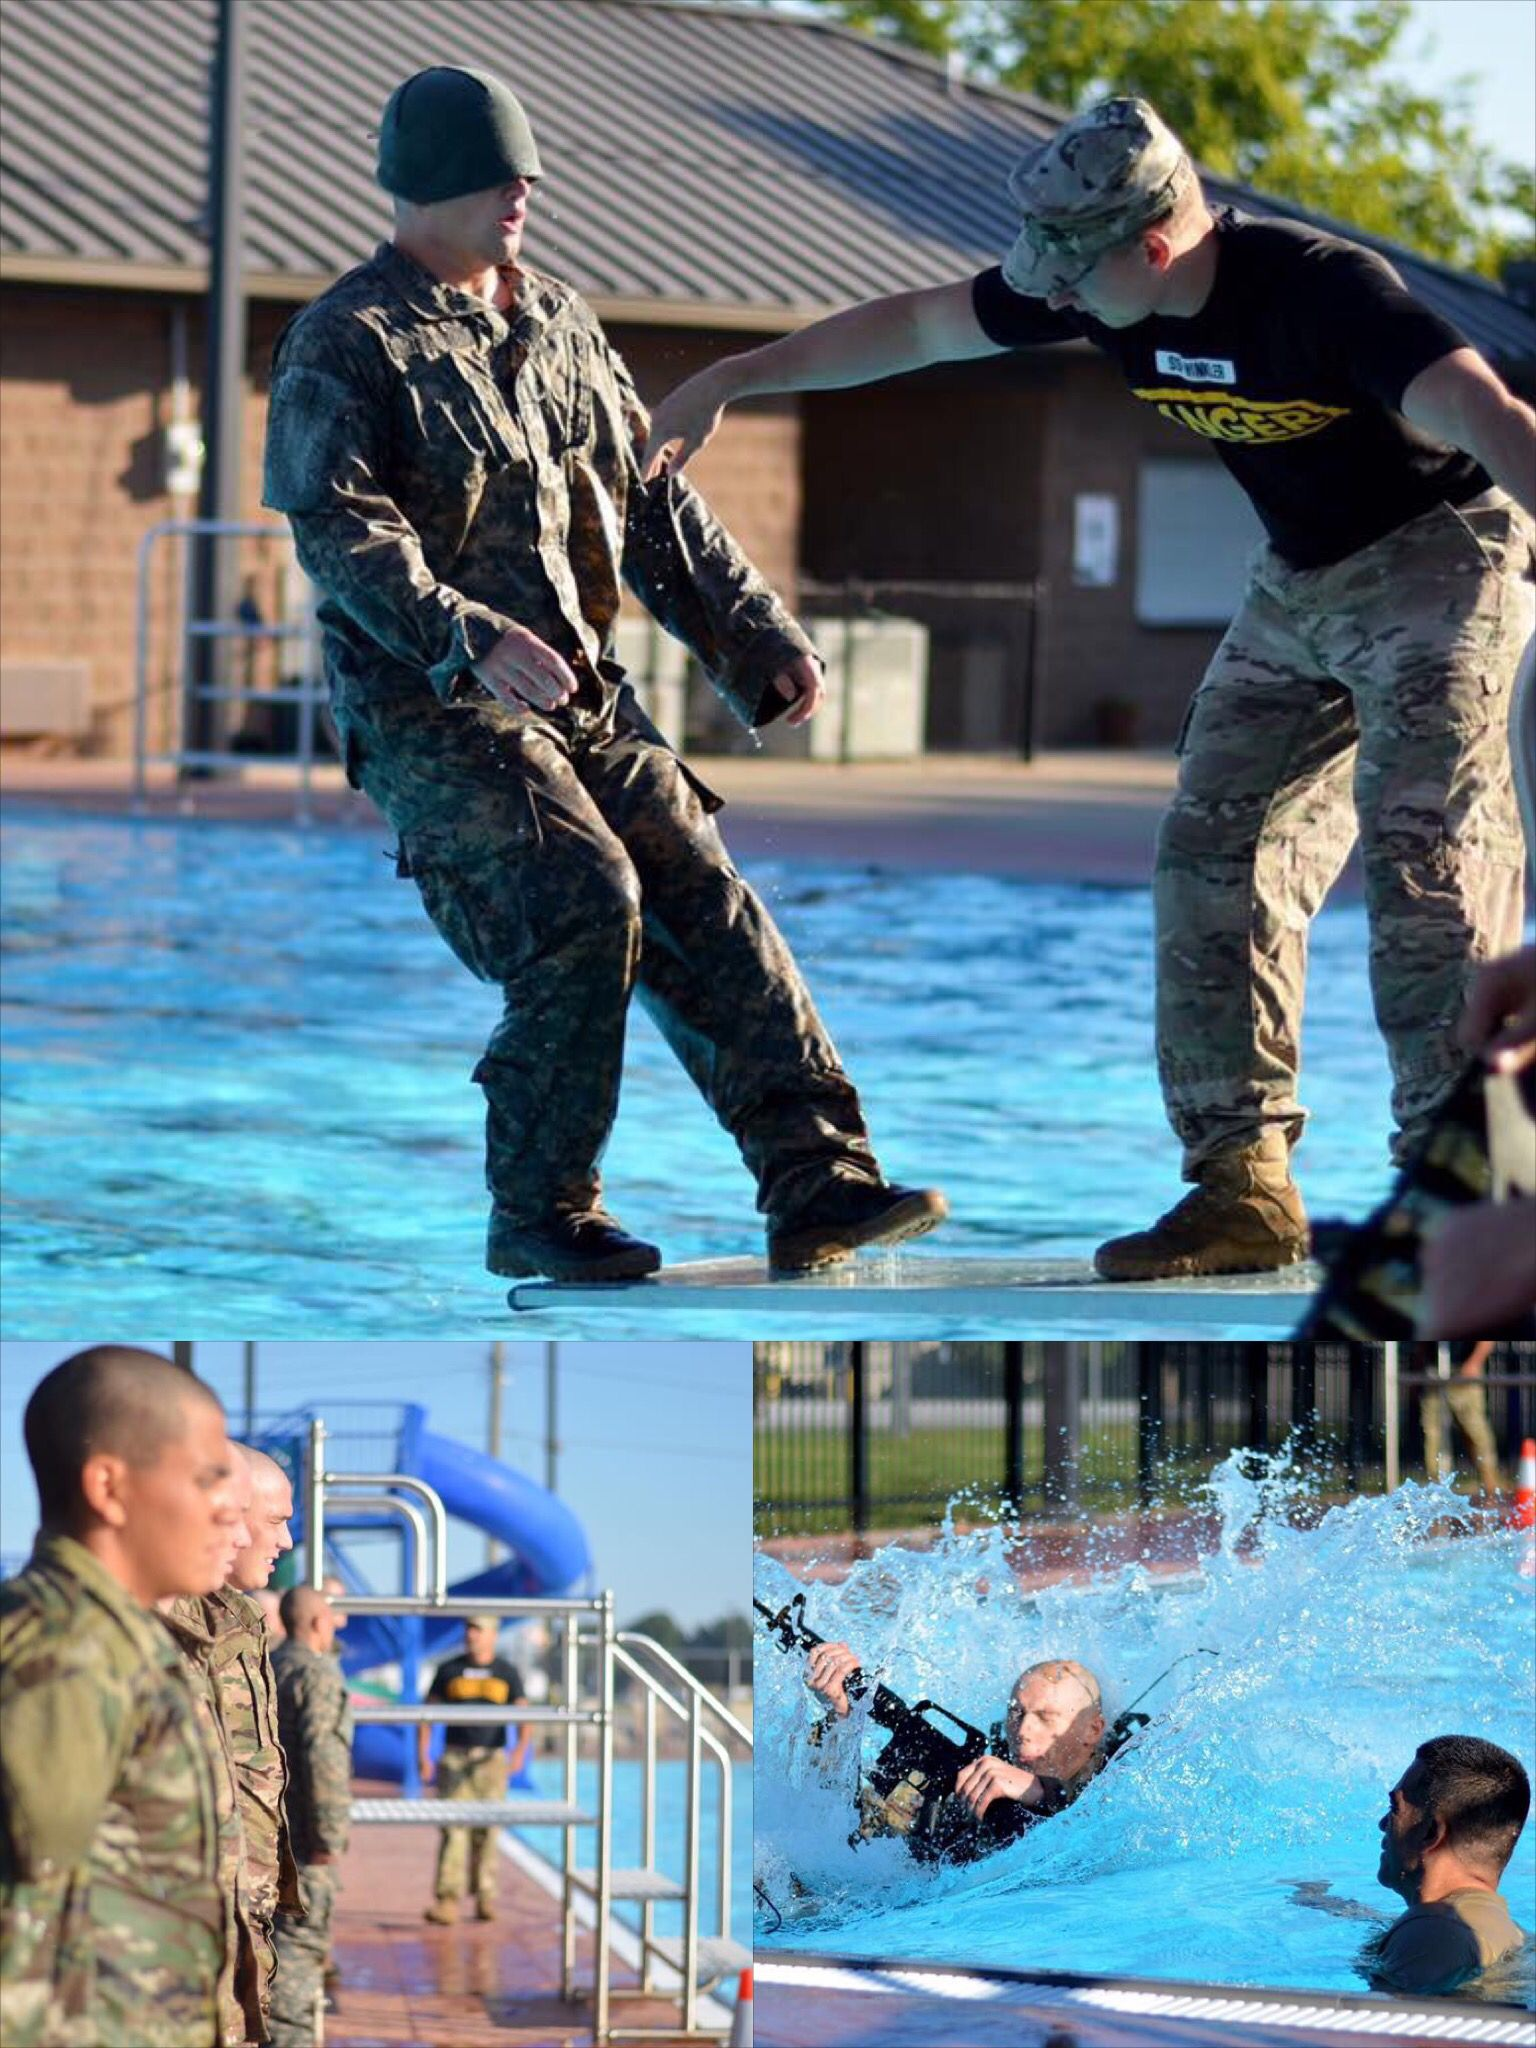 NdbrigadecombatteamStrike   US Army Fort CampbellS Pre